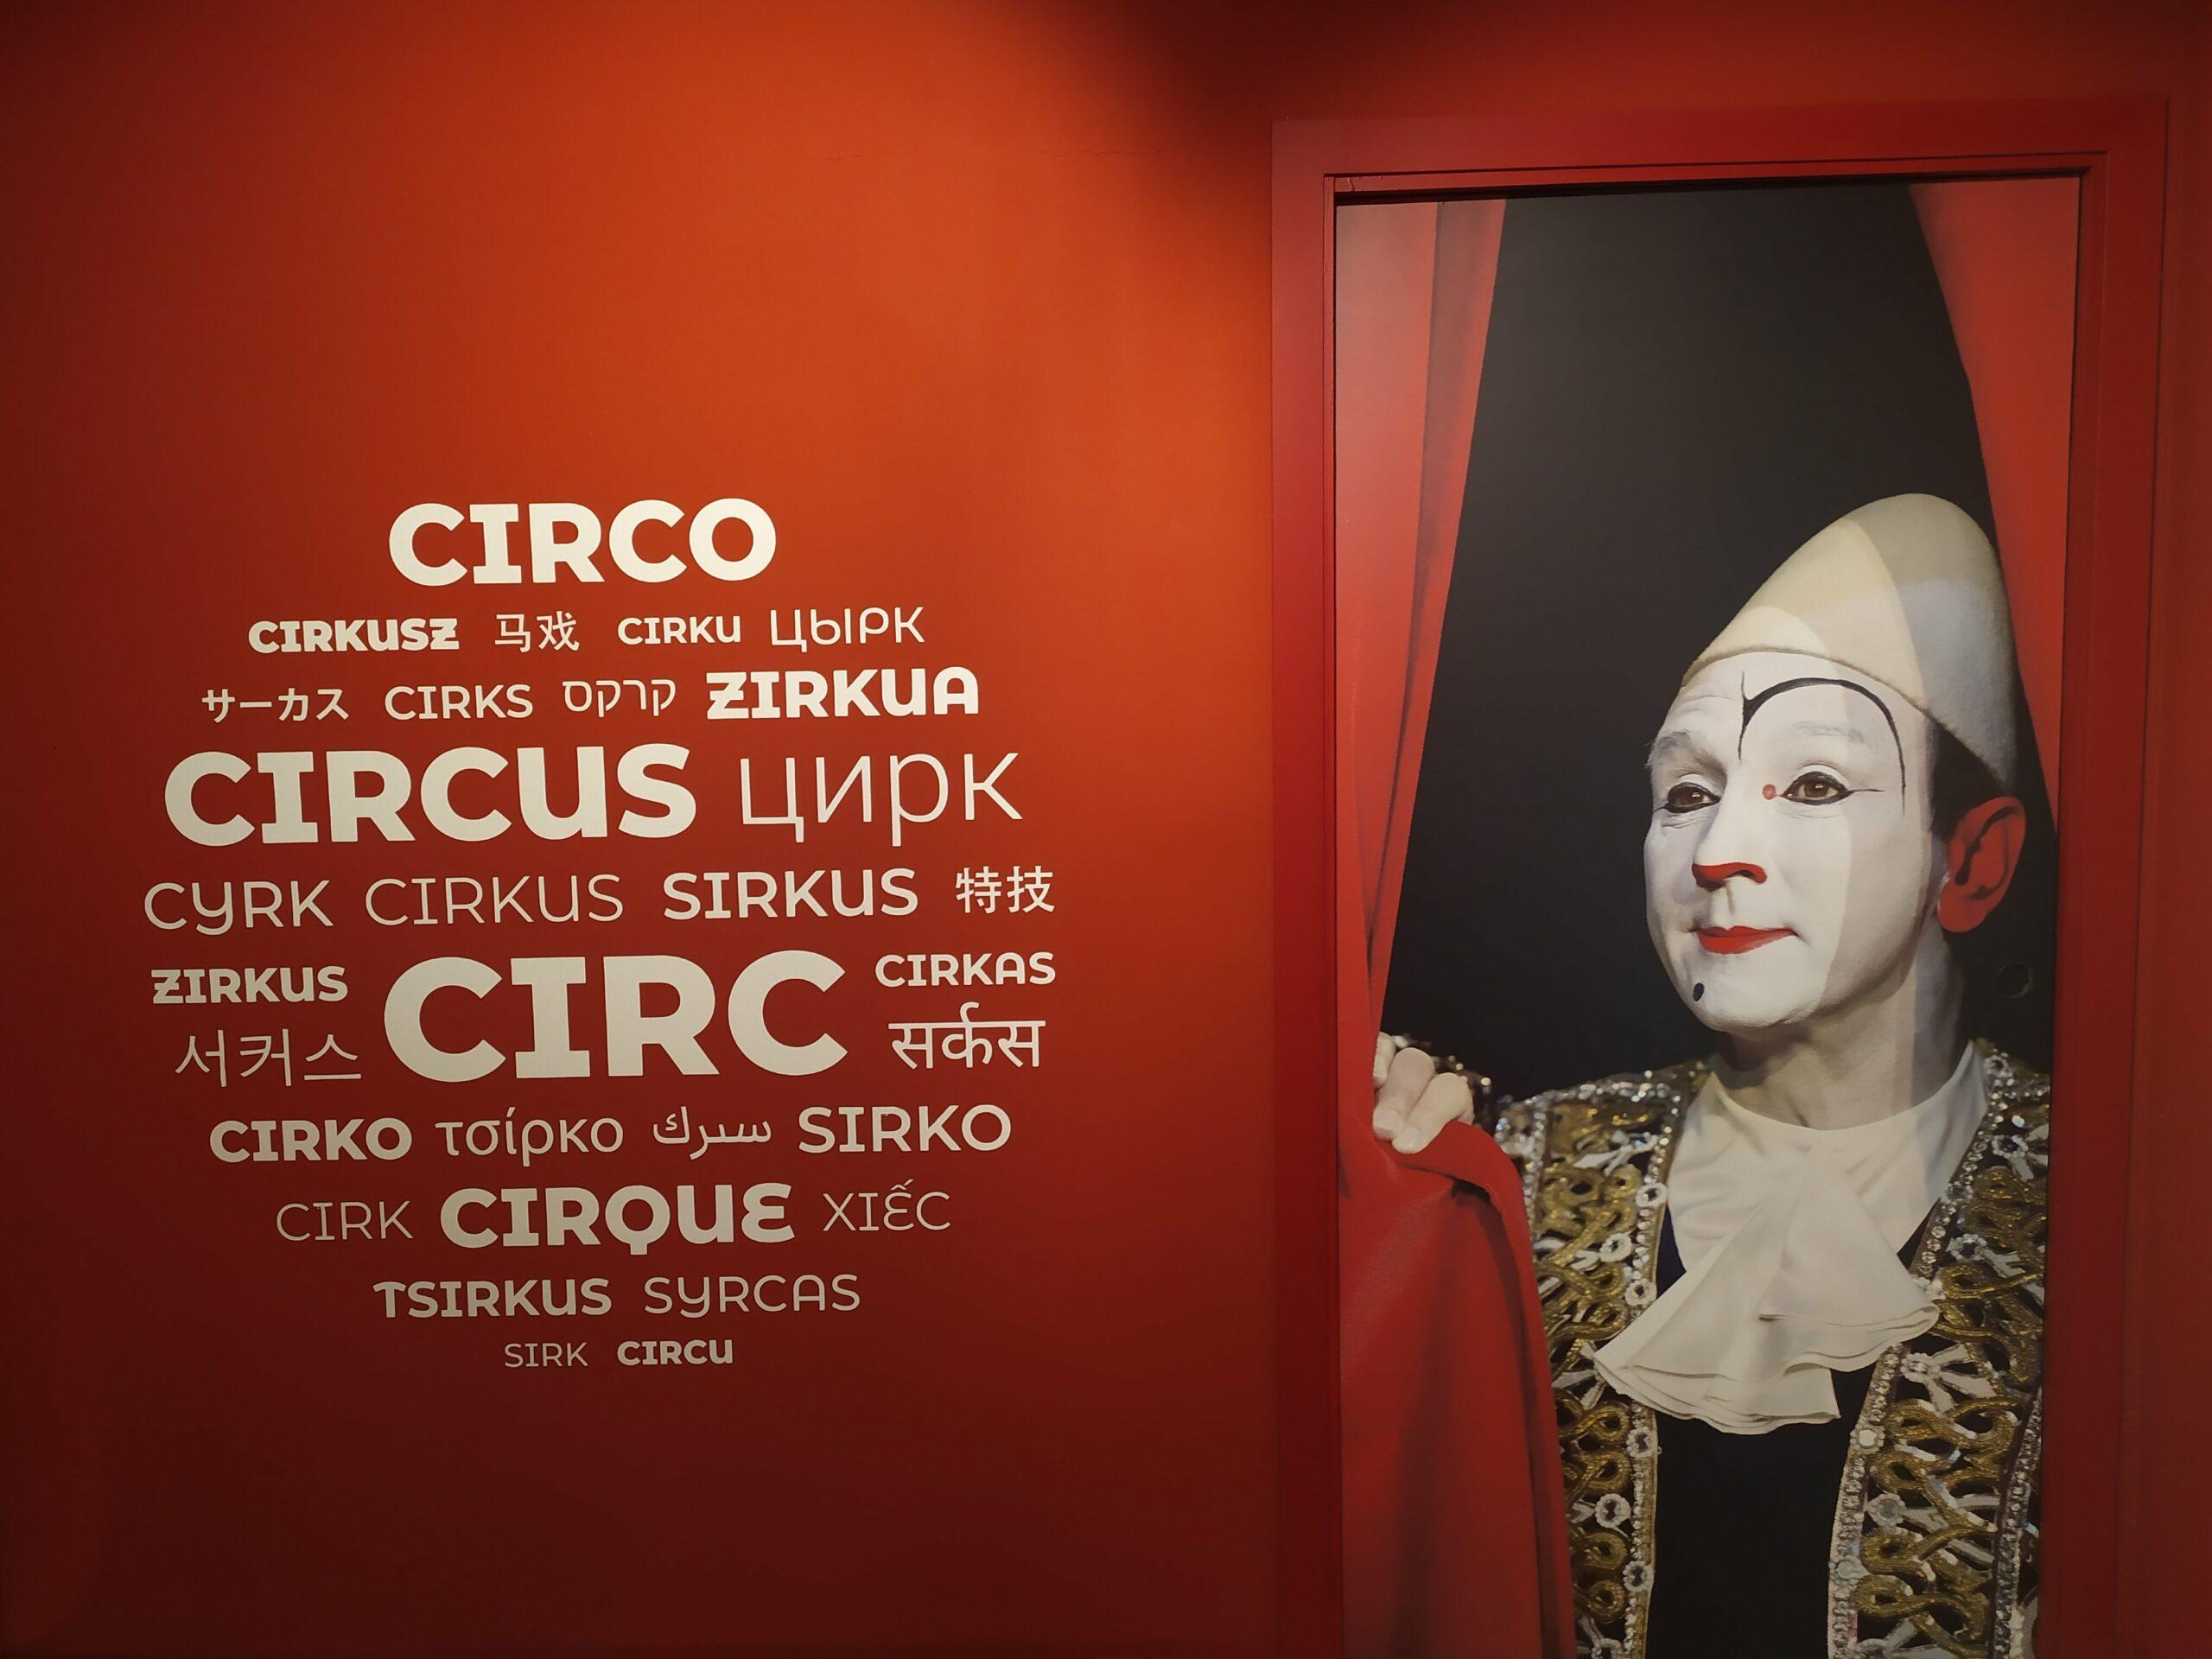 Éjjel-nappal cirkusz – szakmai látogatás a besalúi Circuslandban